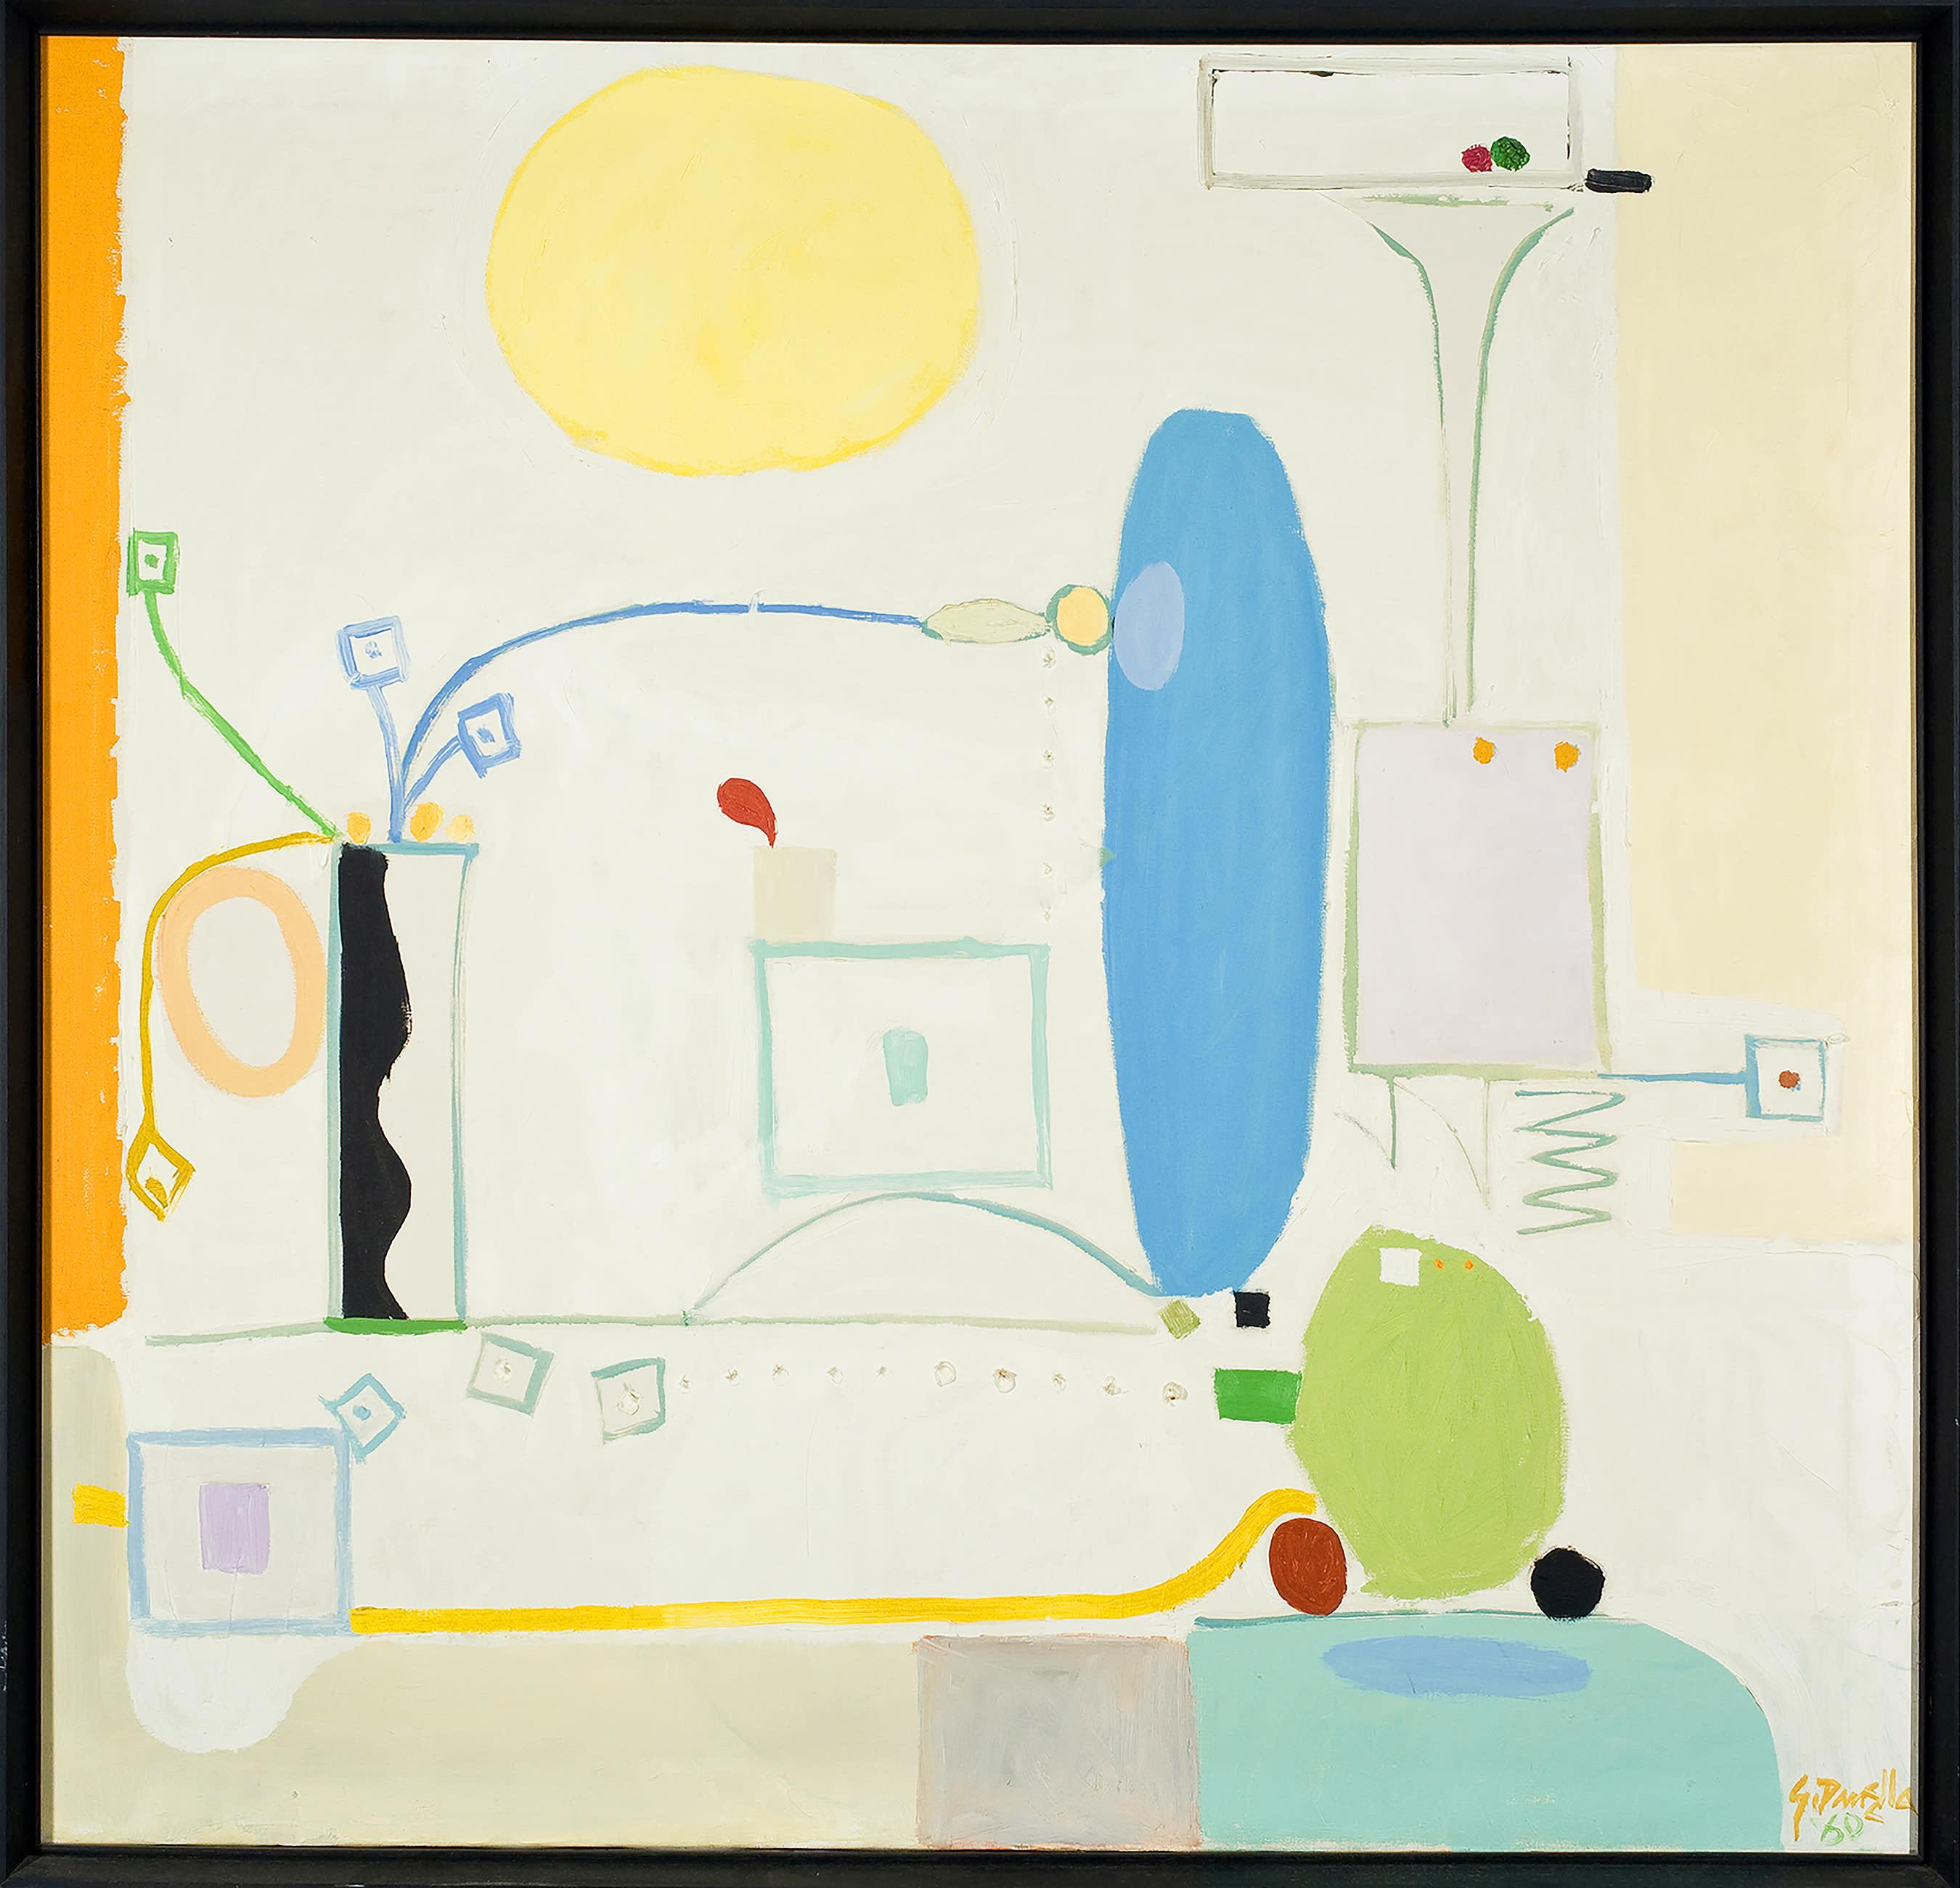 20m asd s3 ensemble 1960 oil on canvas 43x41 framed bfvydn